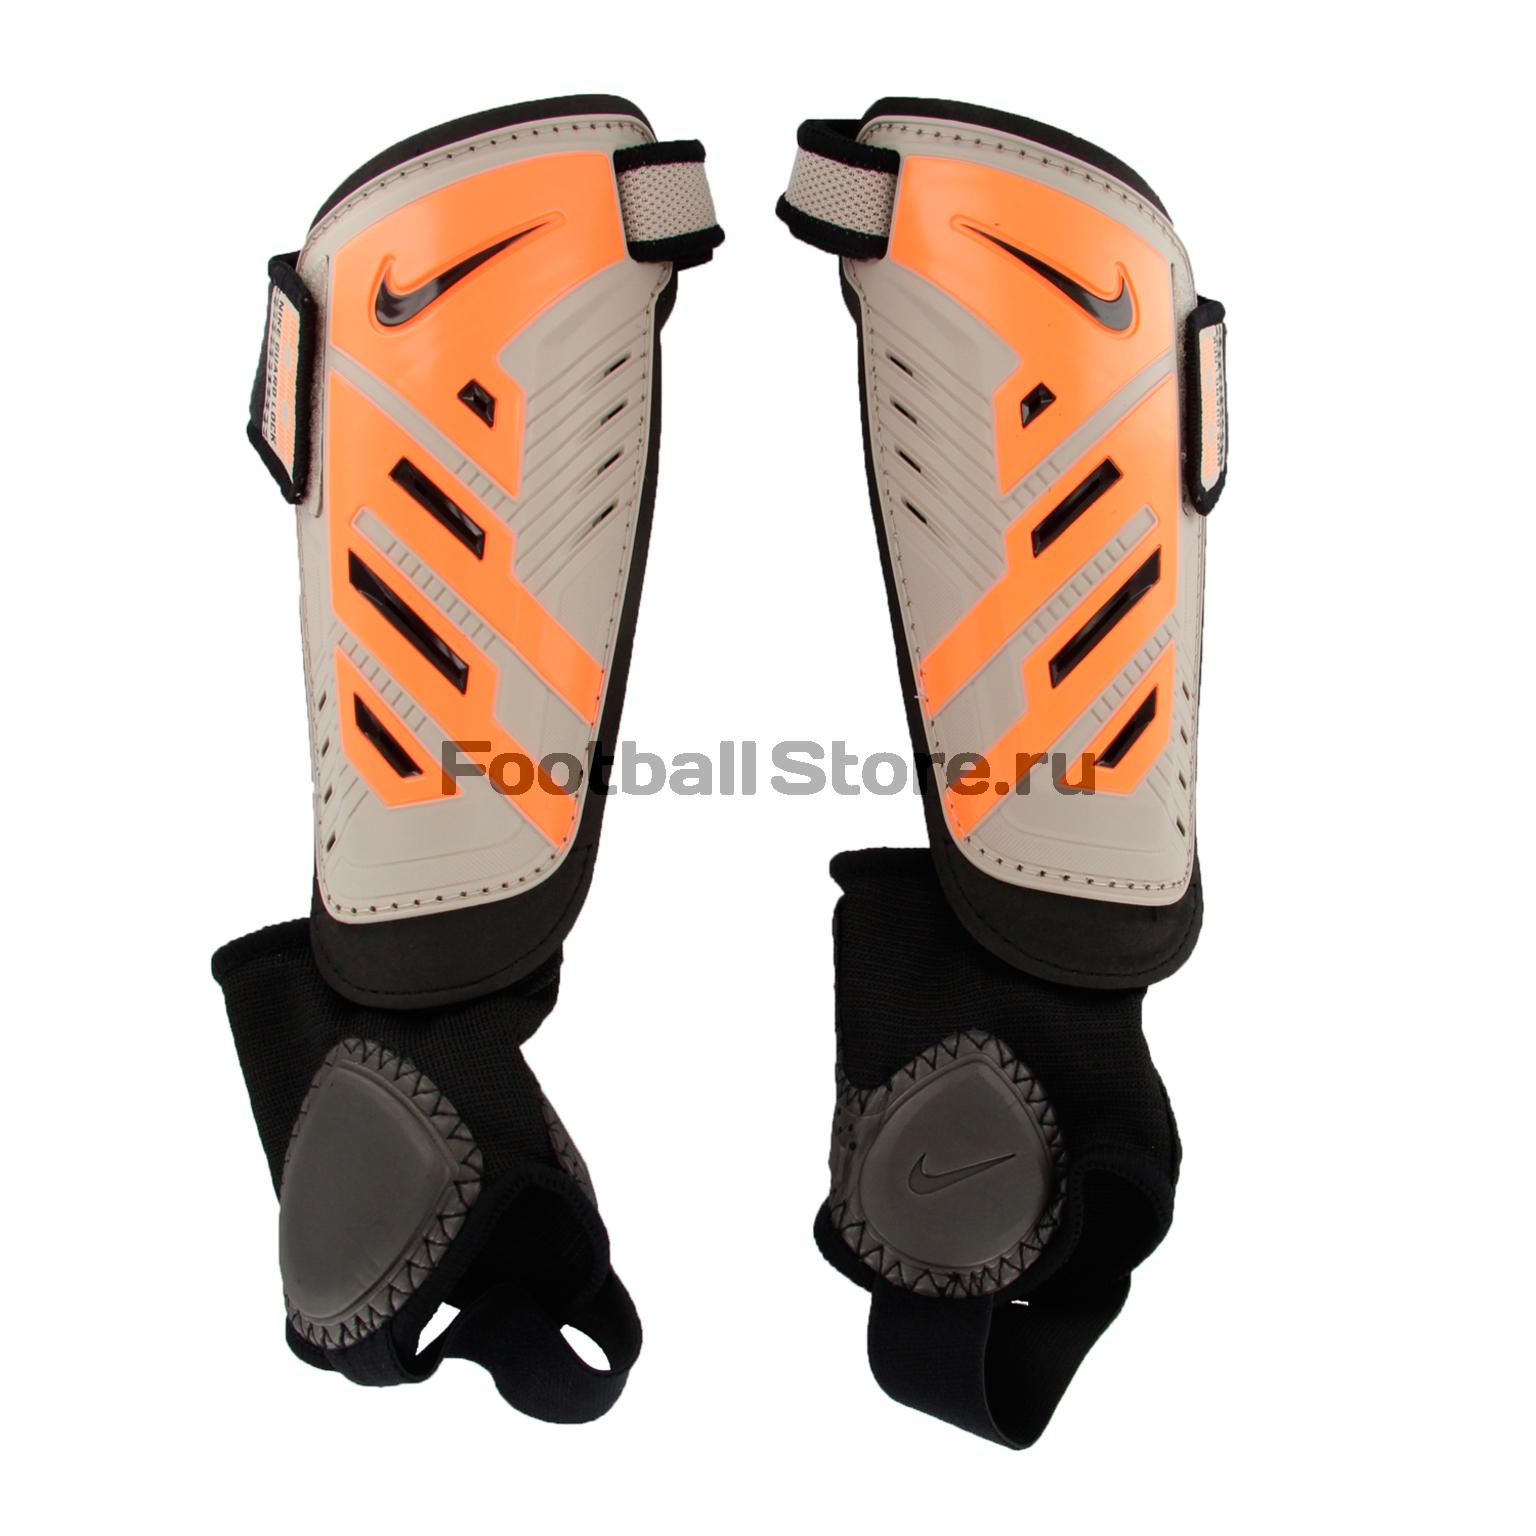 Защита ног Nike Щитки футбольные Nike Youth Protegga Shield SP0256-080